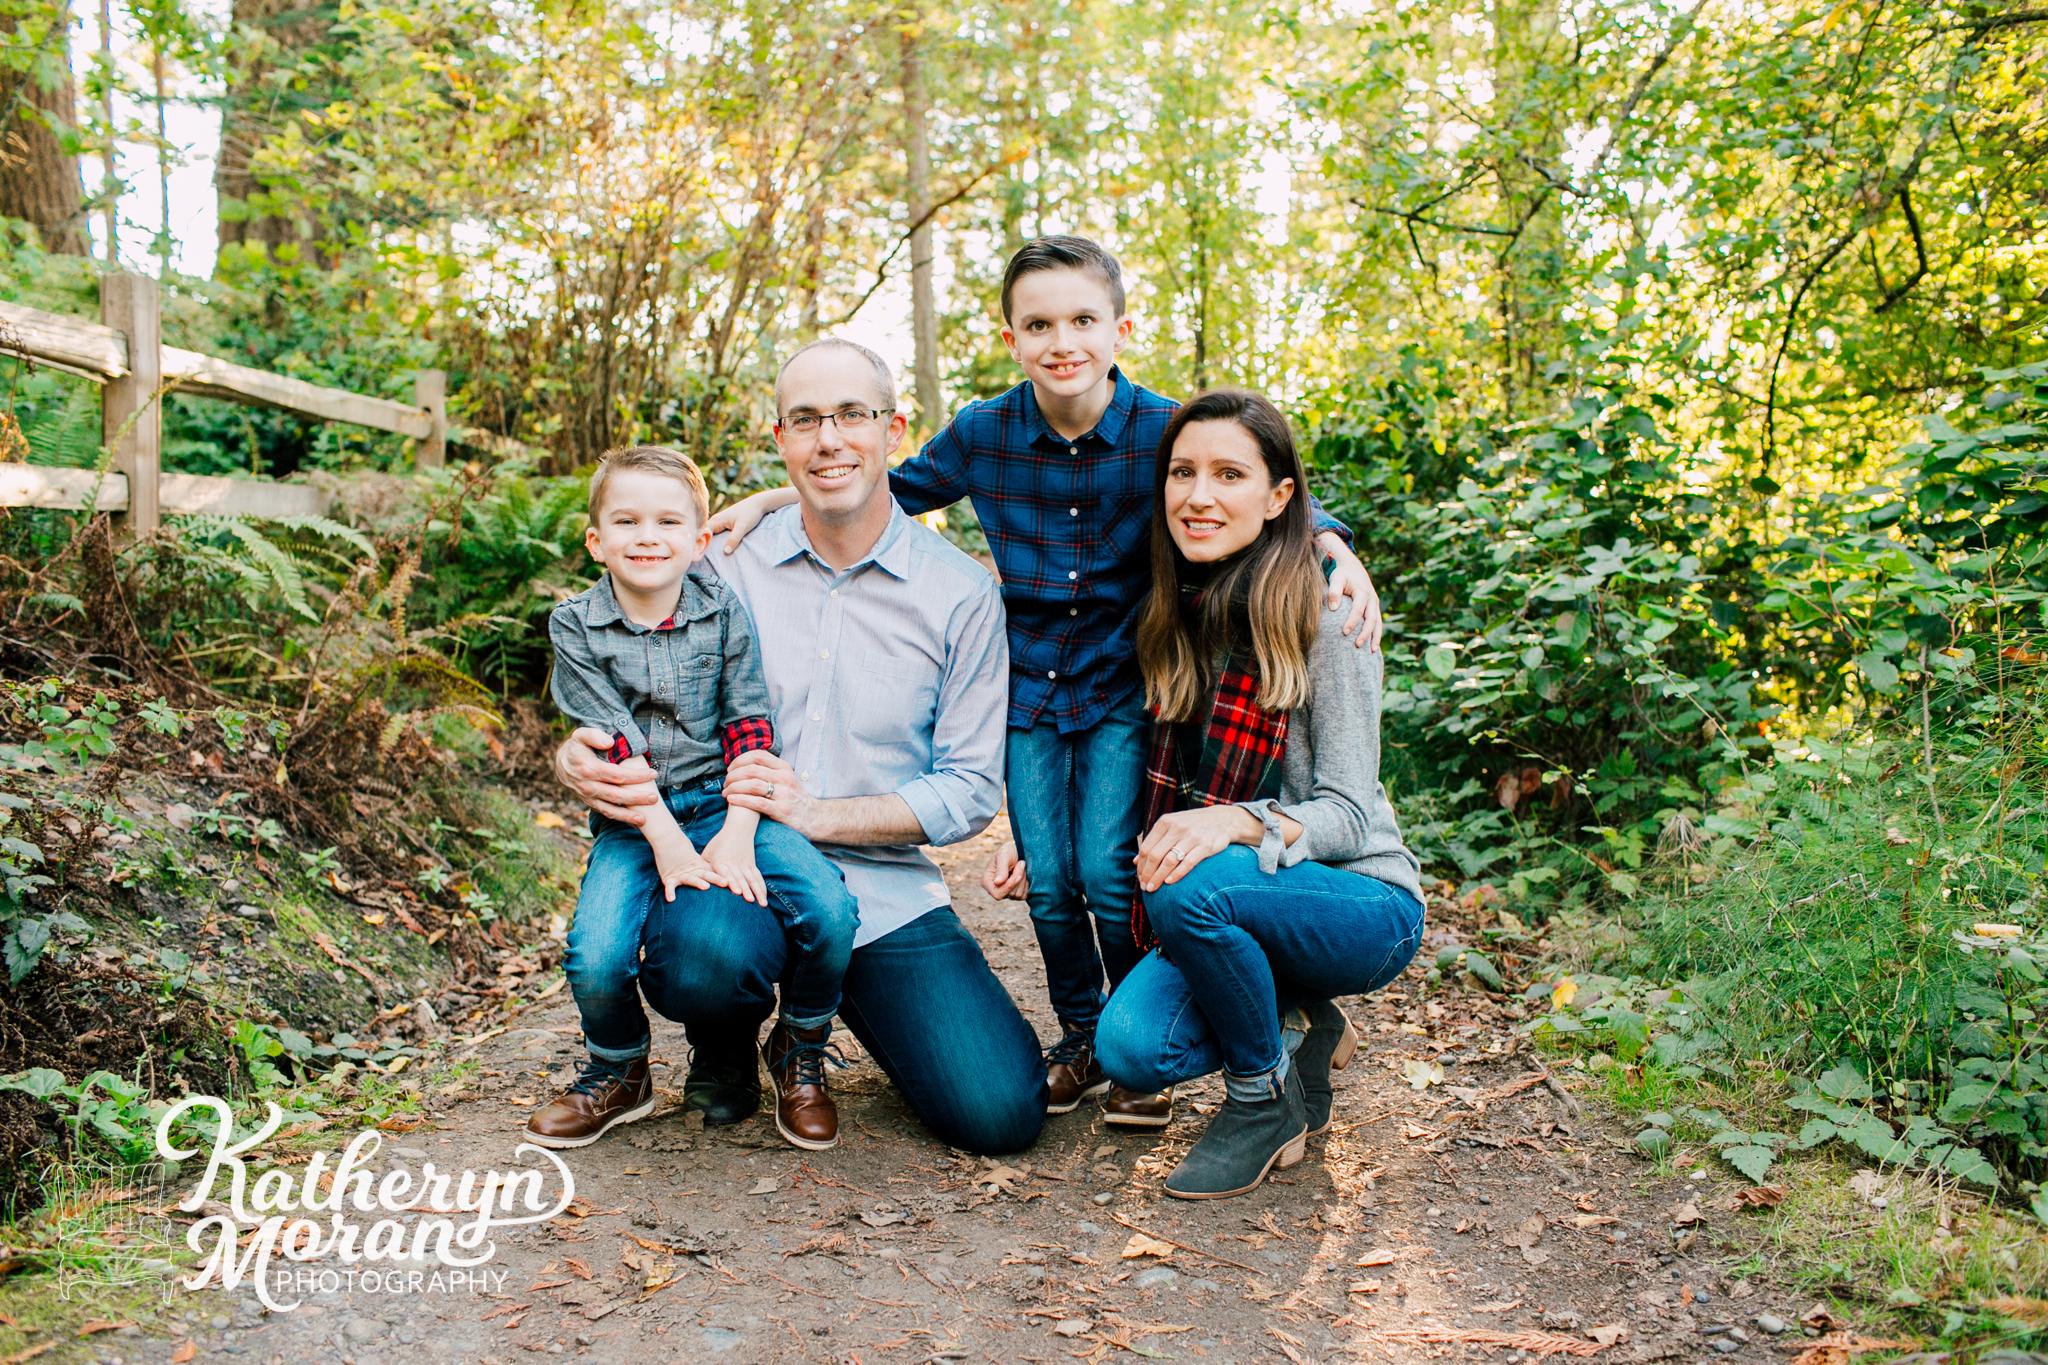 bellingham-family-photographer-katheryn-moran-burdick-2018-7.jpg